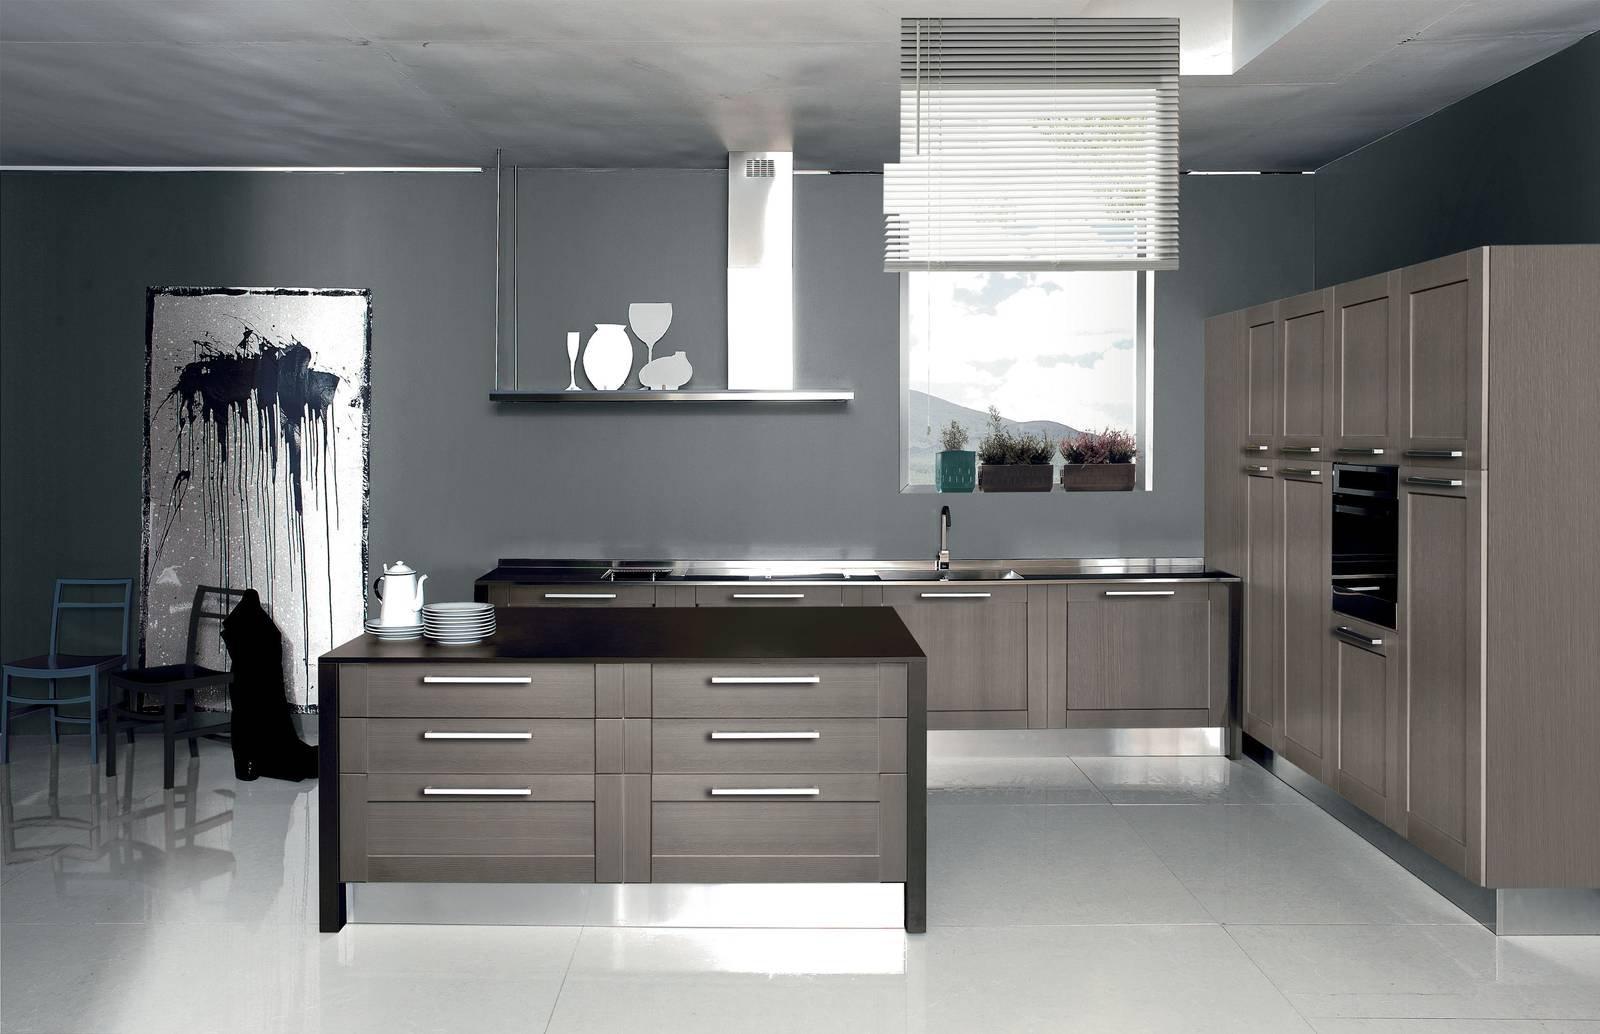 La cucina sotto la finestra 12 composizioni cui ispirarsi cose di casa - Cucina ad angolo con finestra ...